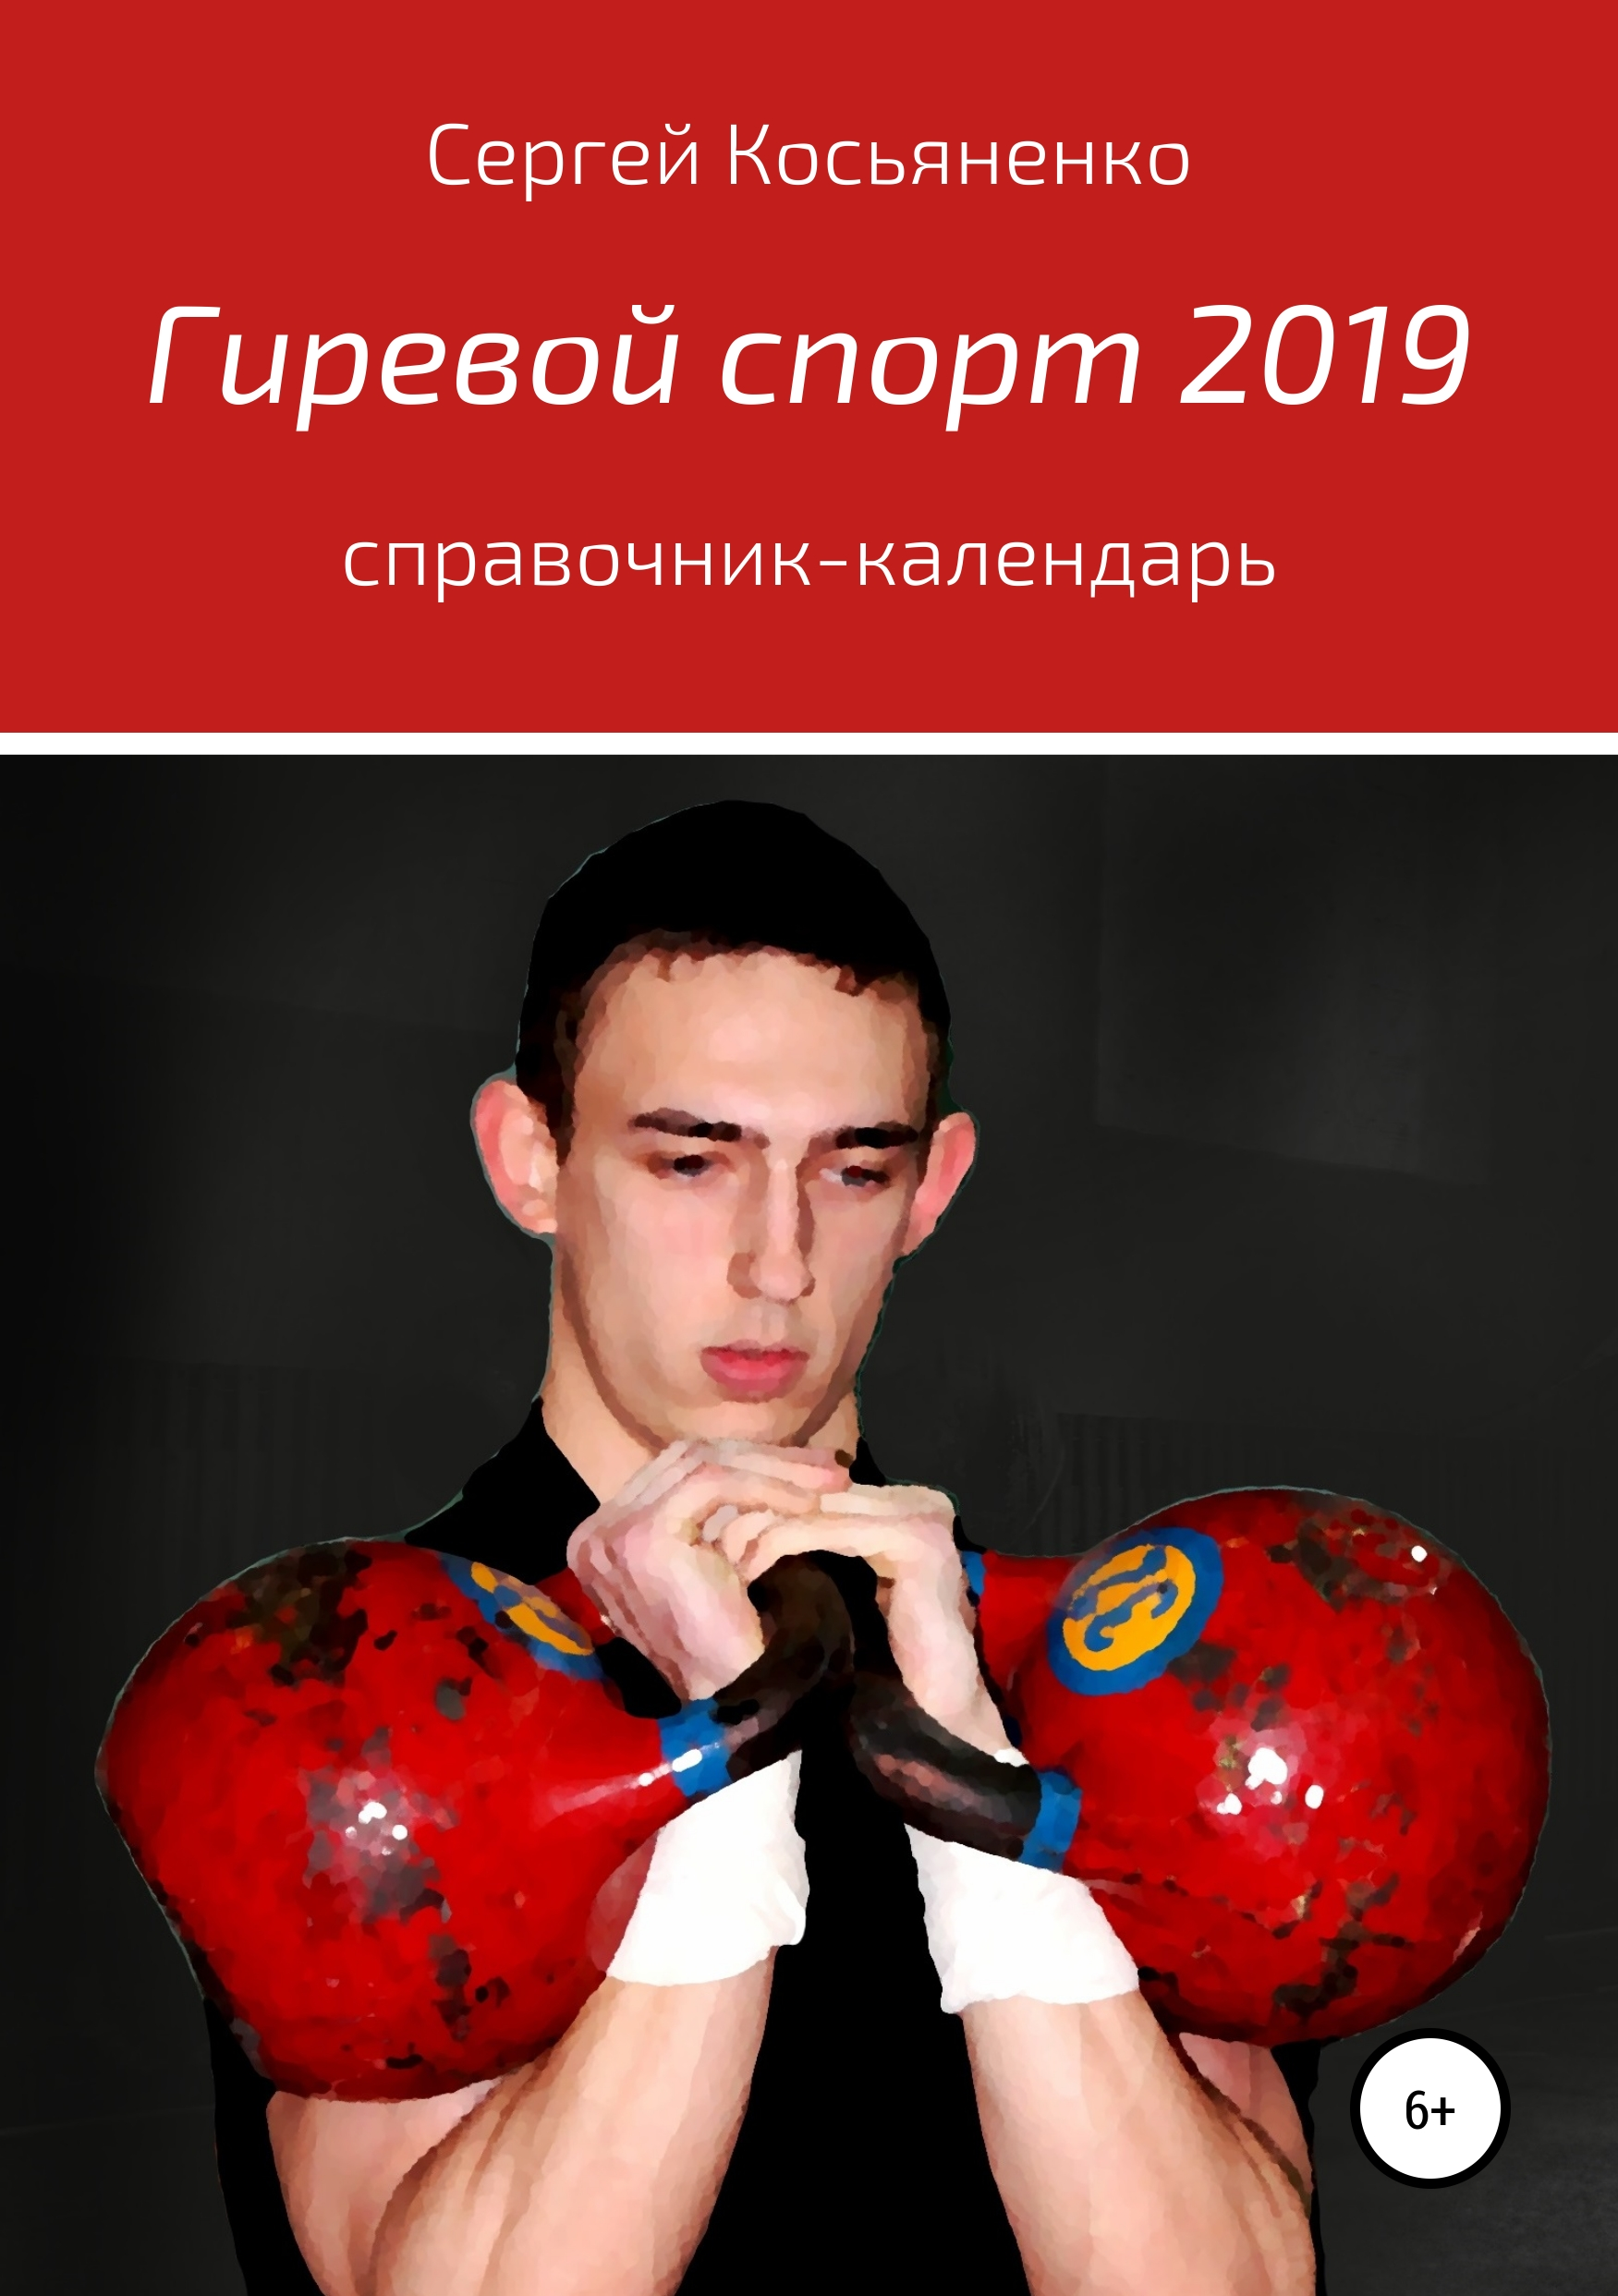 Купить книгу Гиревой спорт 2019, автора Сергея Ивановича Косьяненко